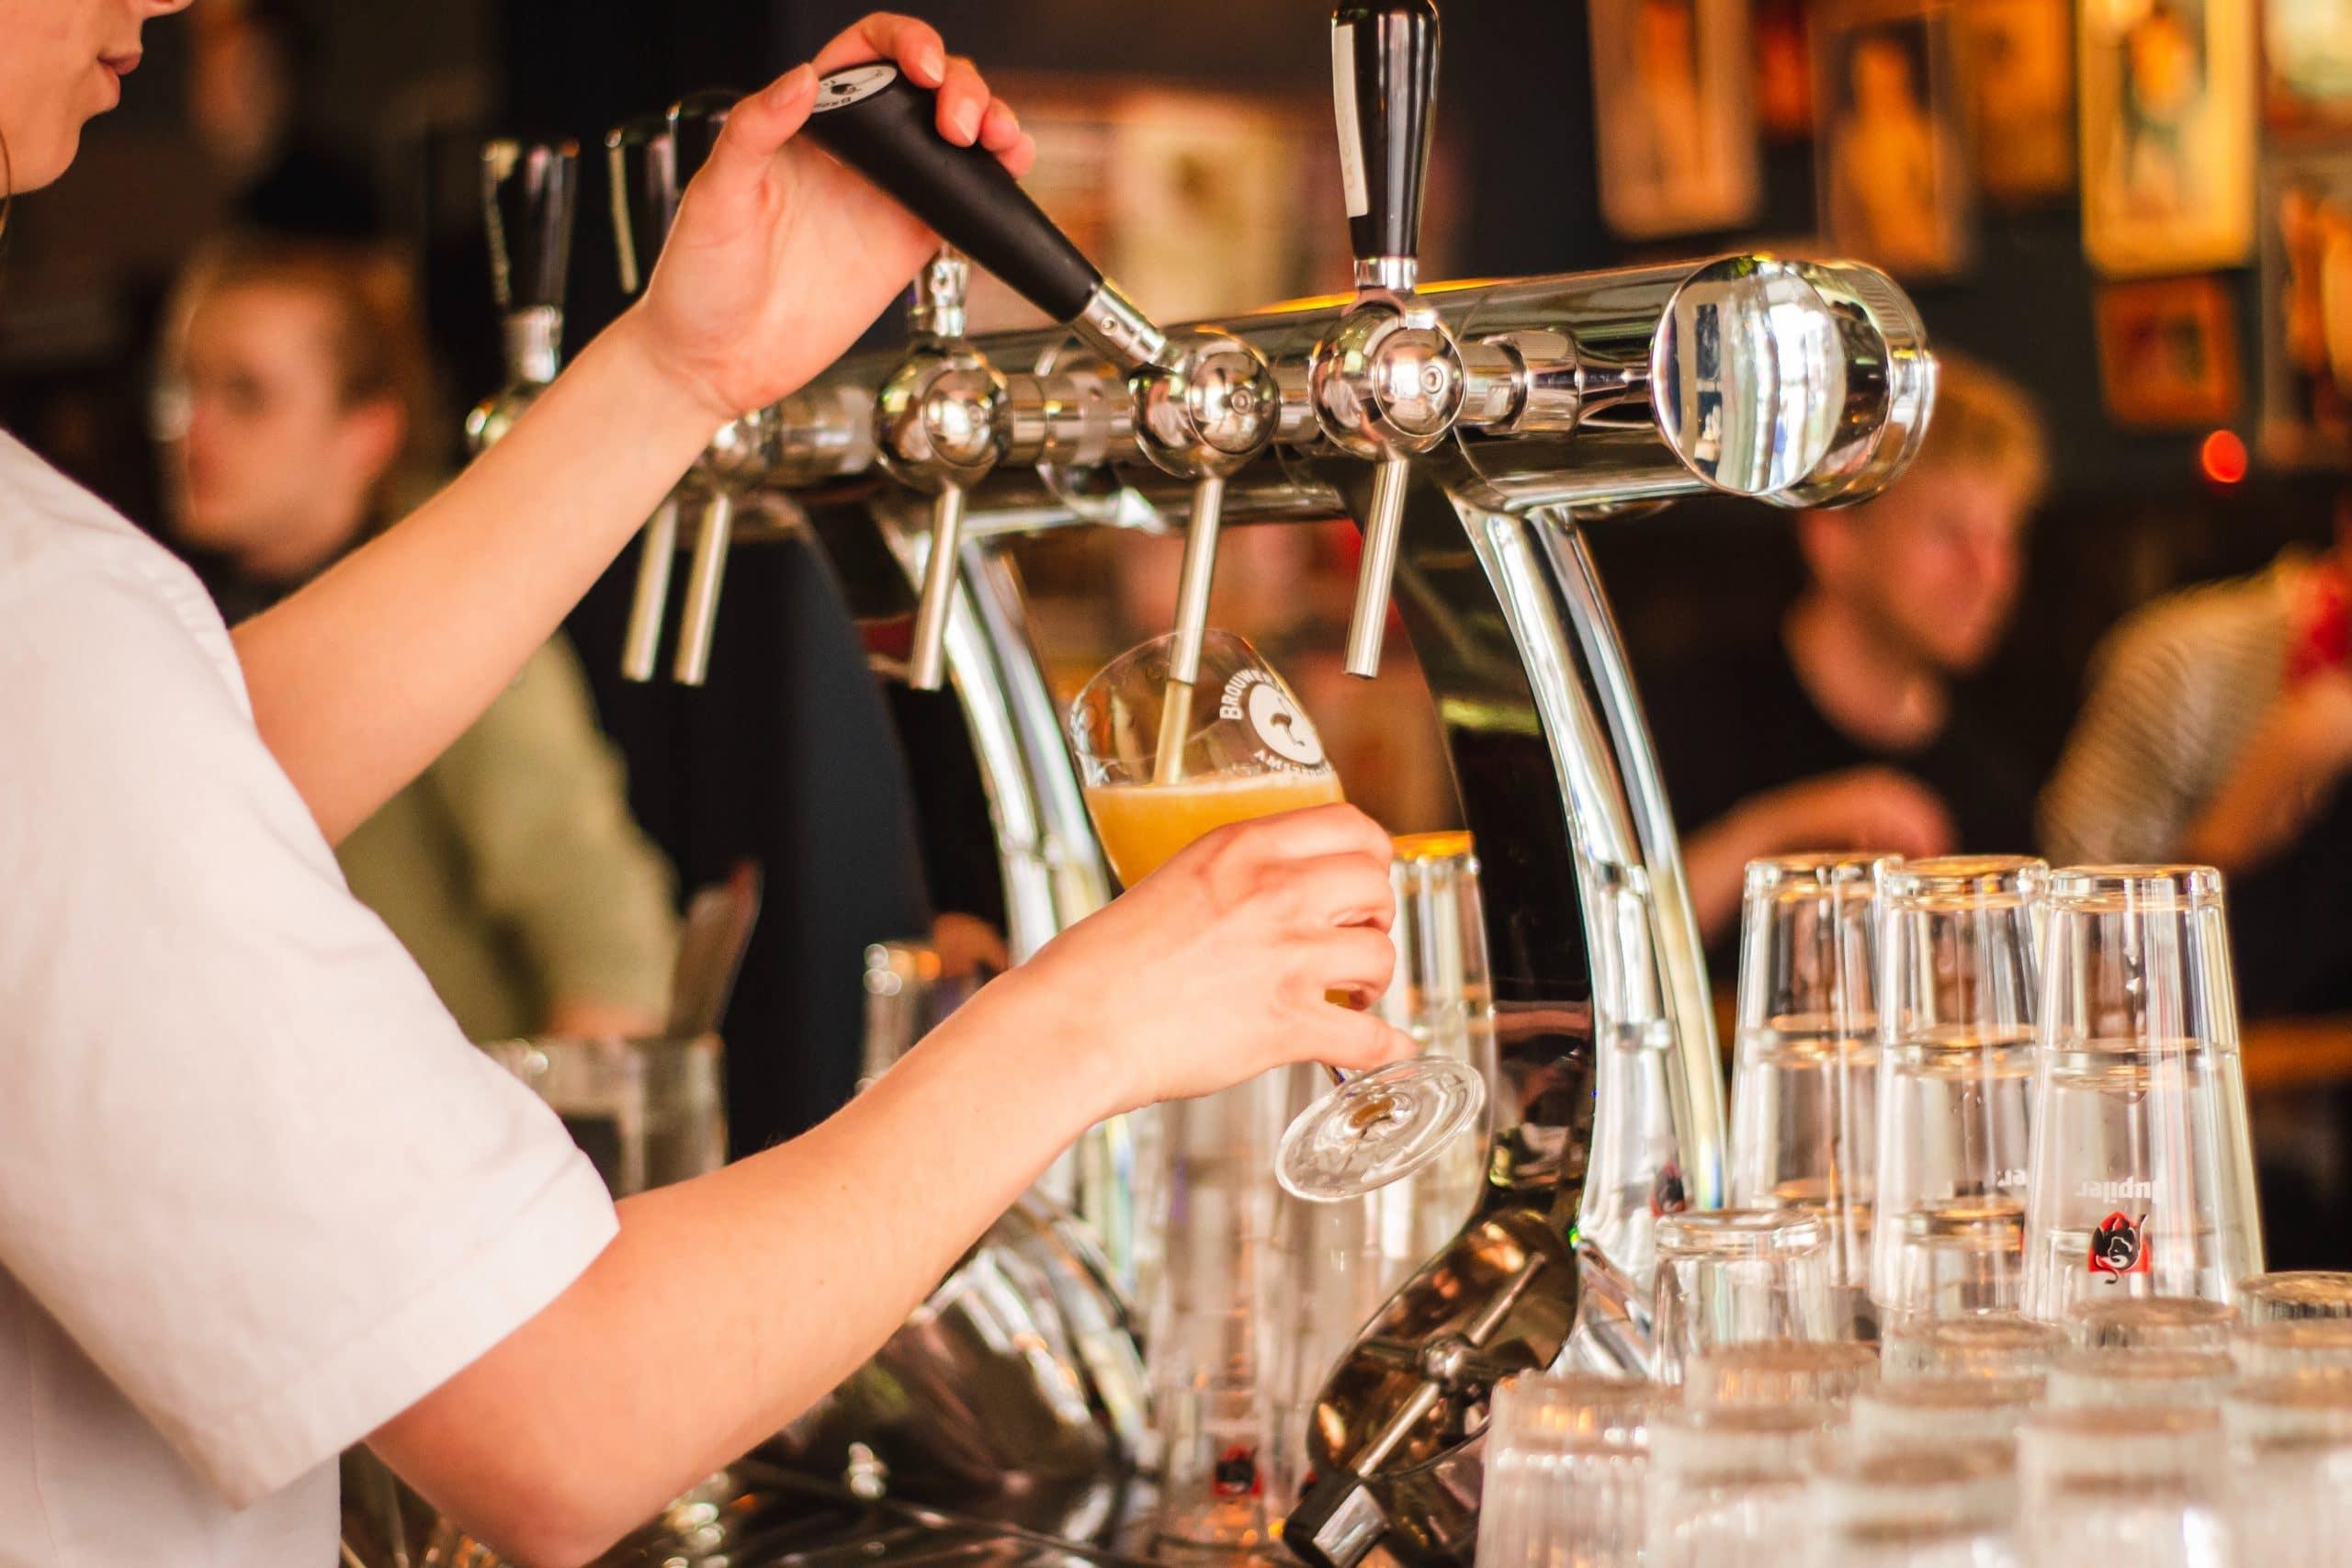 Belgian Beer Poured From Pump